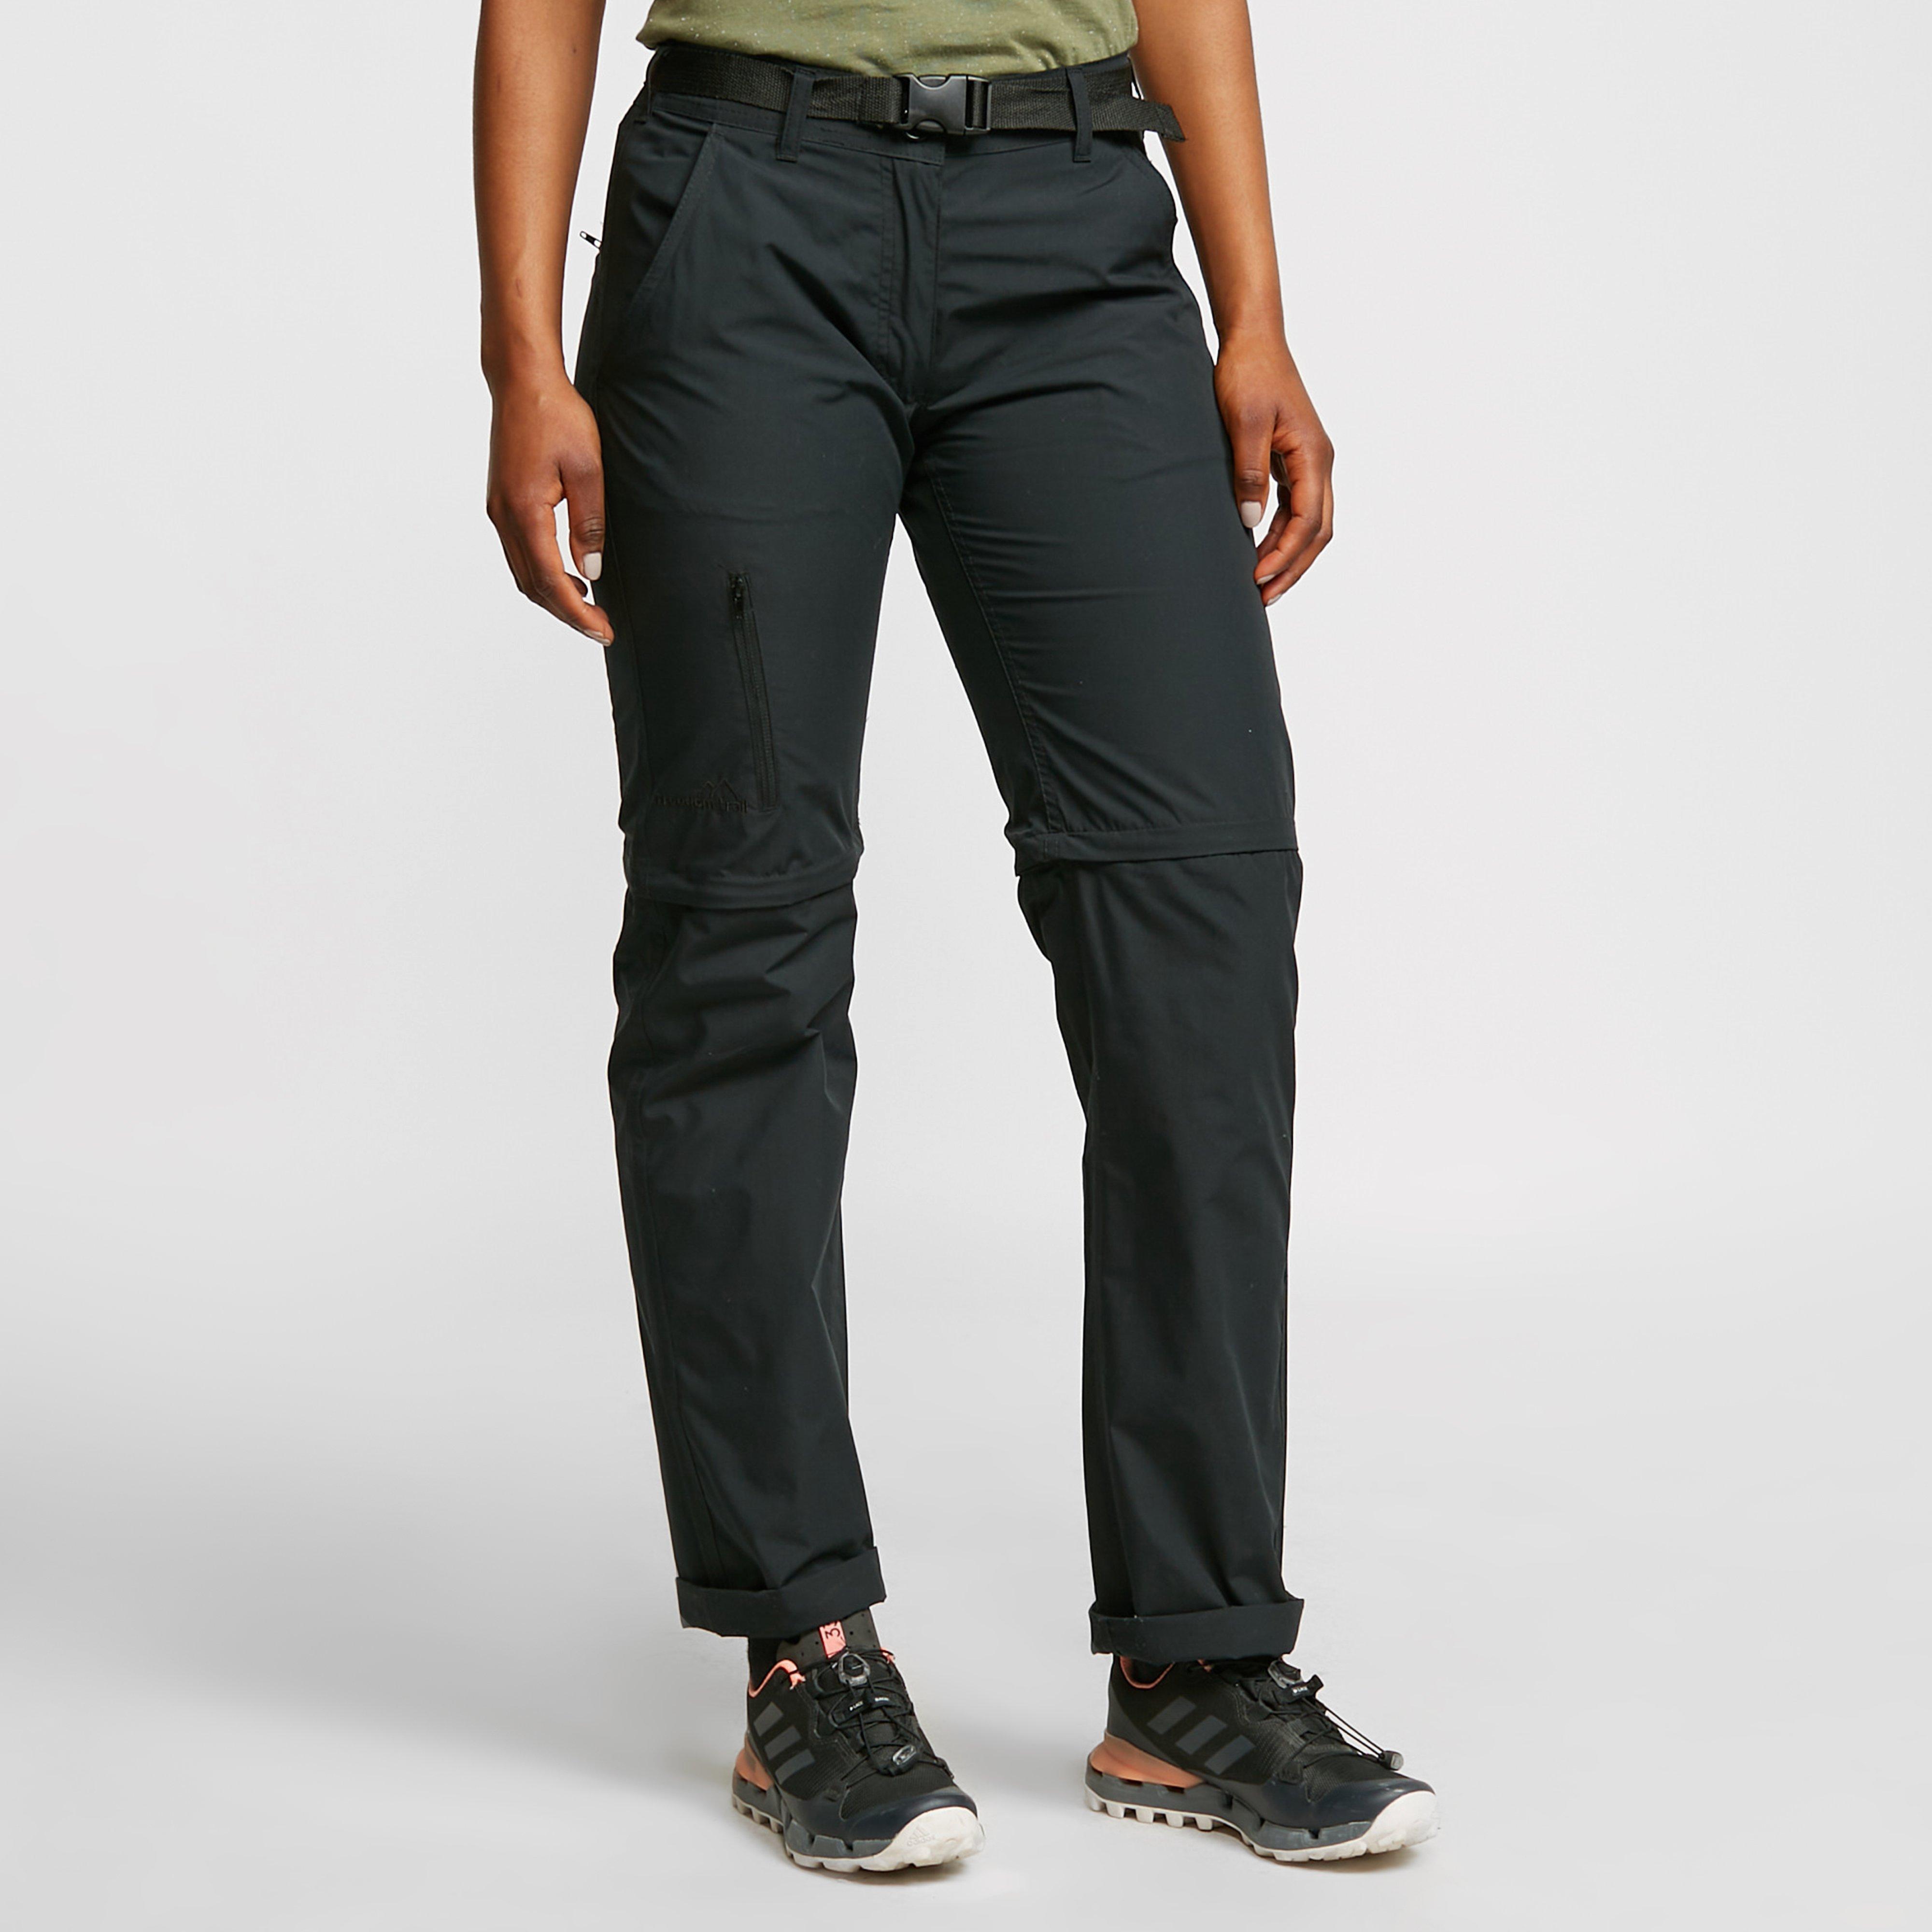 Freedomtrail Women's Nebraska Zip-Off Trousers - Black/Blk, Black